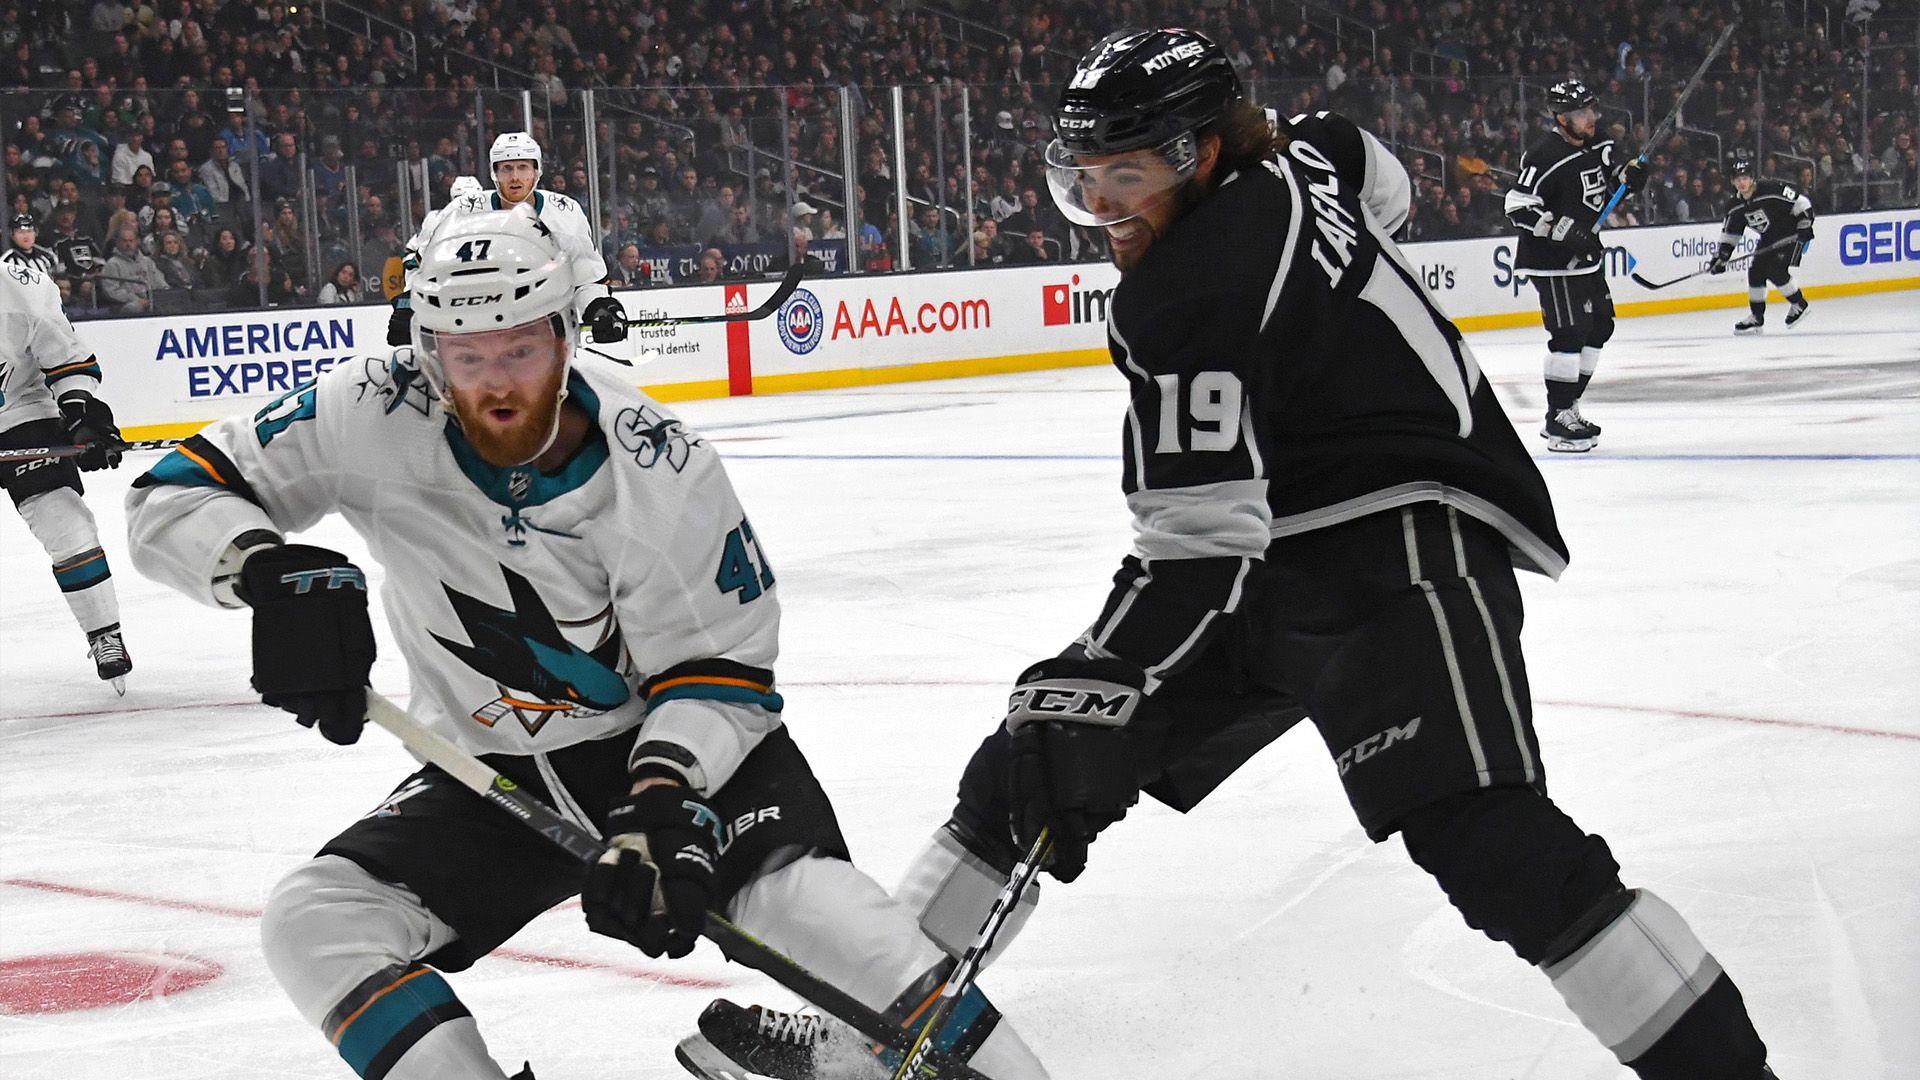 La Kings Wallpaper - Ice Hockey La Kings , HD Wallpaper & Backgrounds